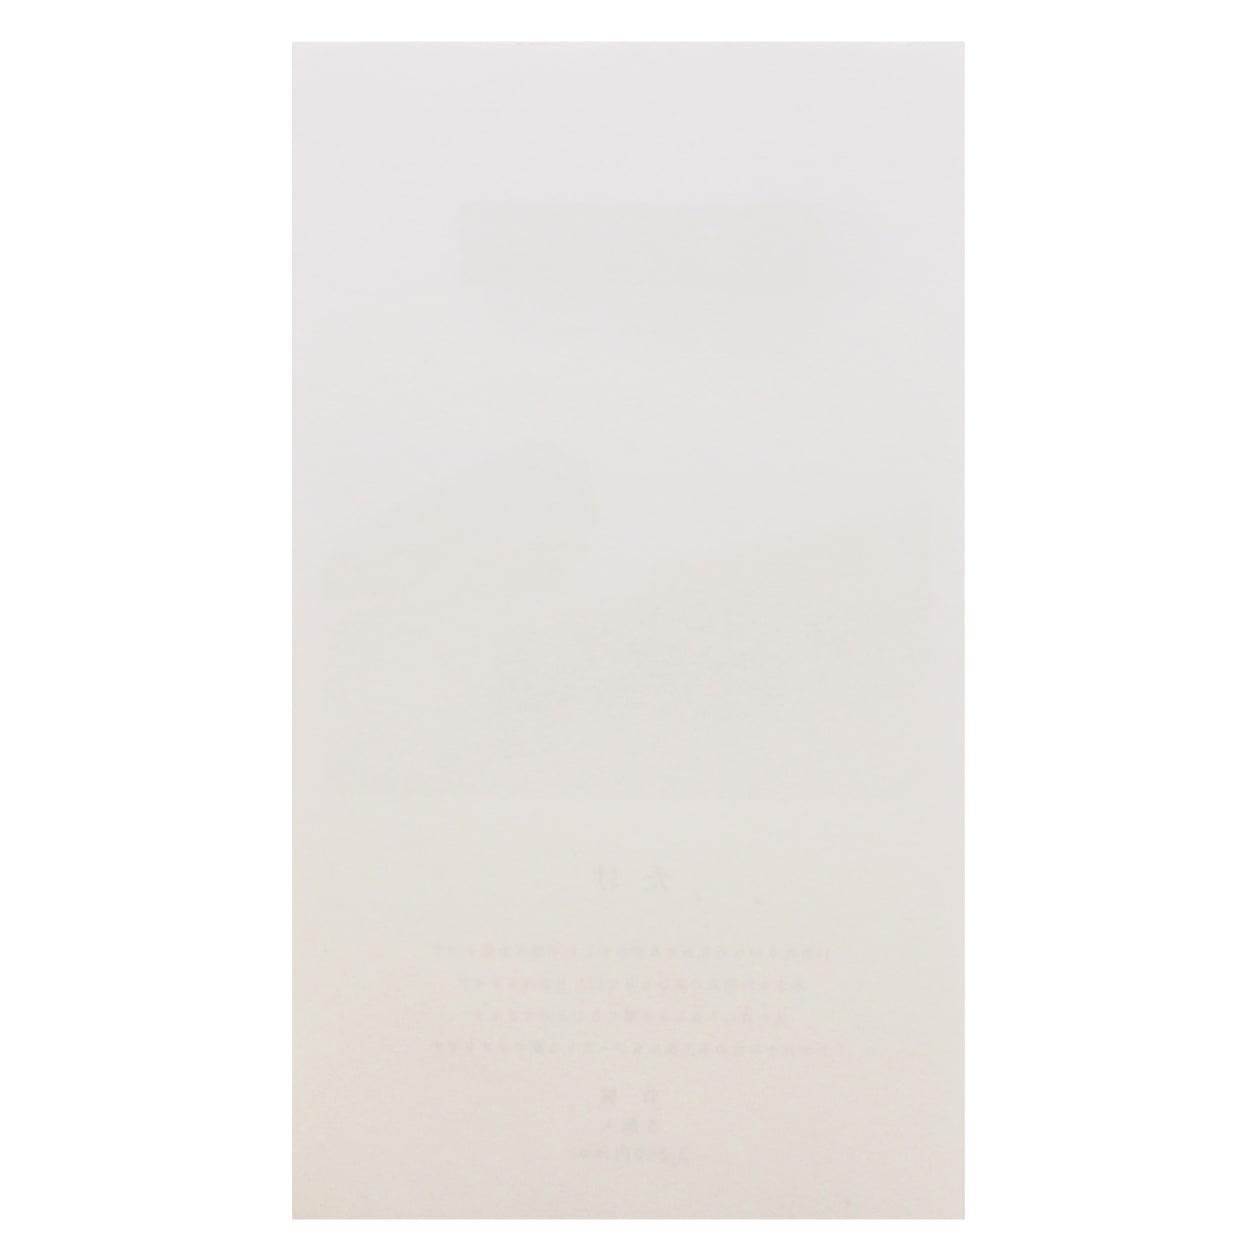 サンプル カード・シート 00177